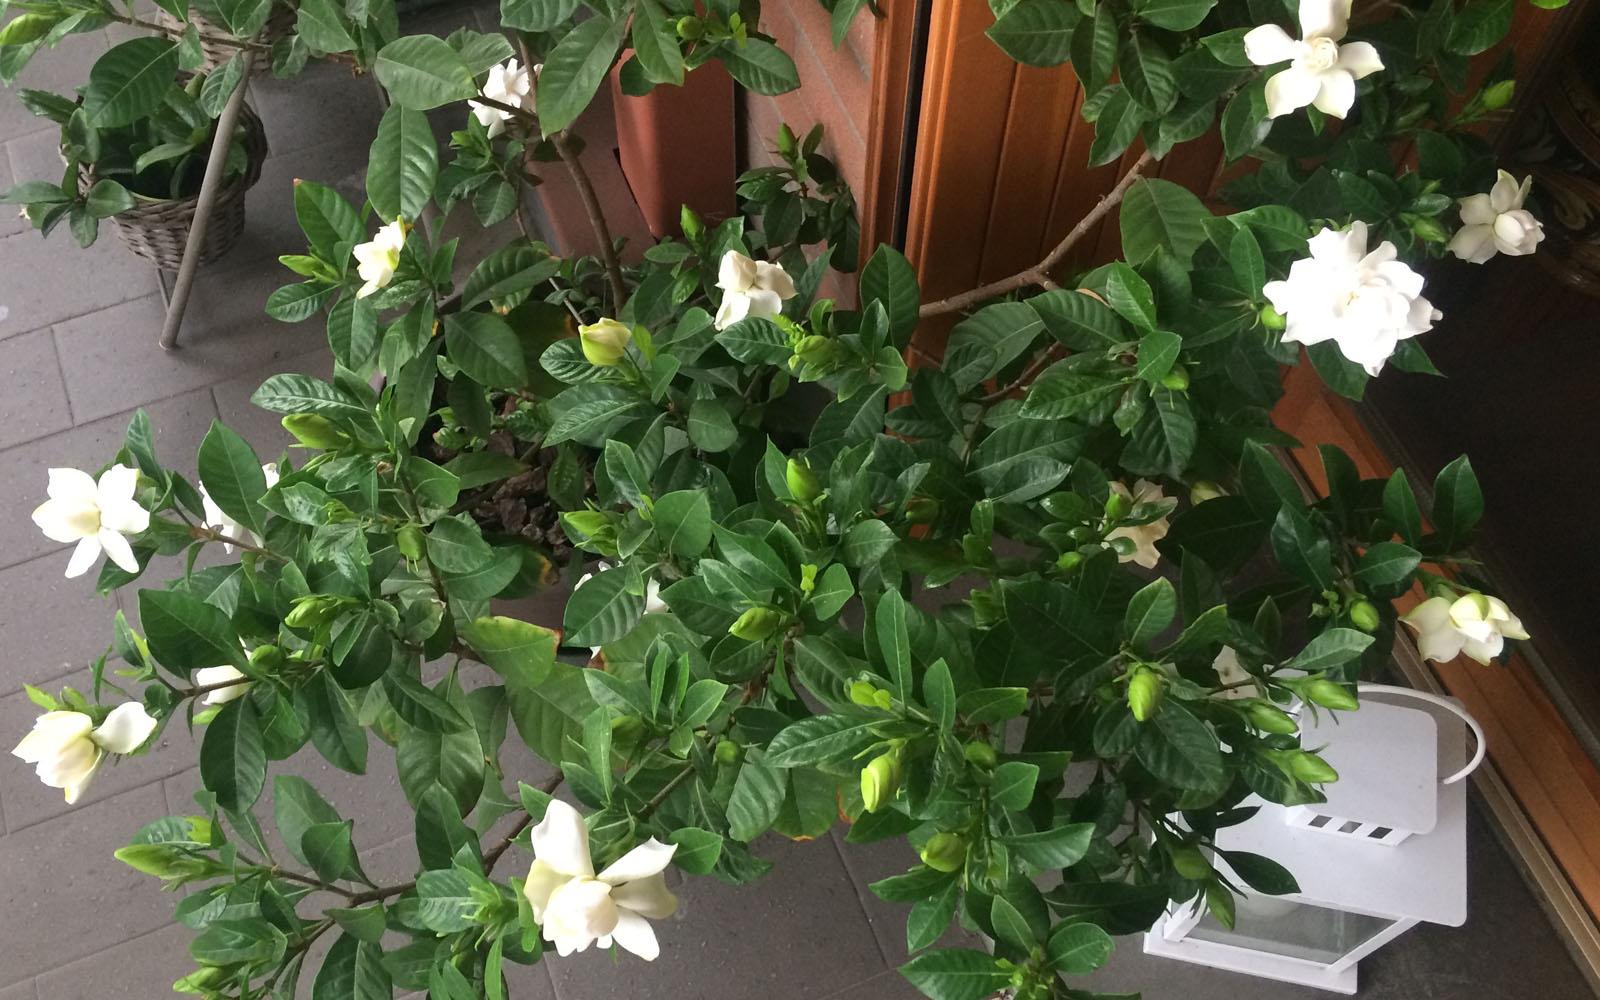 La mia gardenia, tra fiori e boccioli.